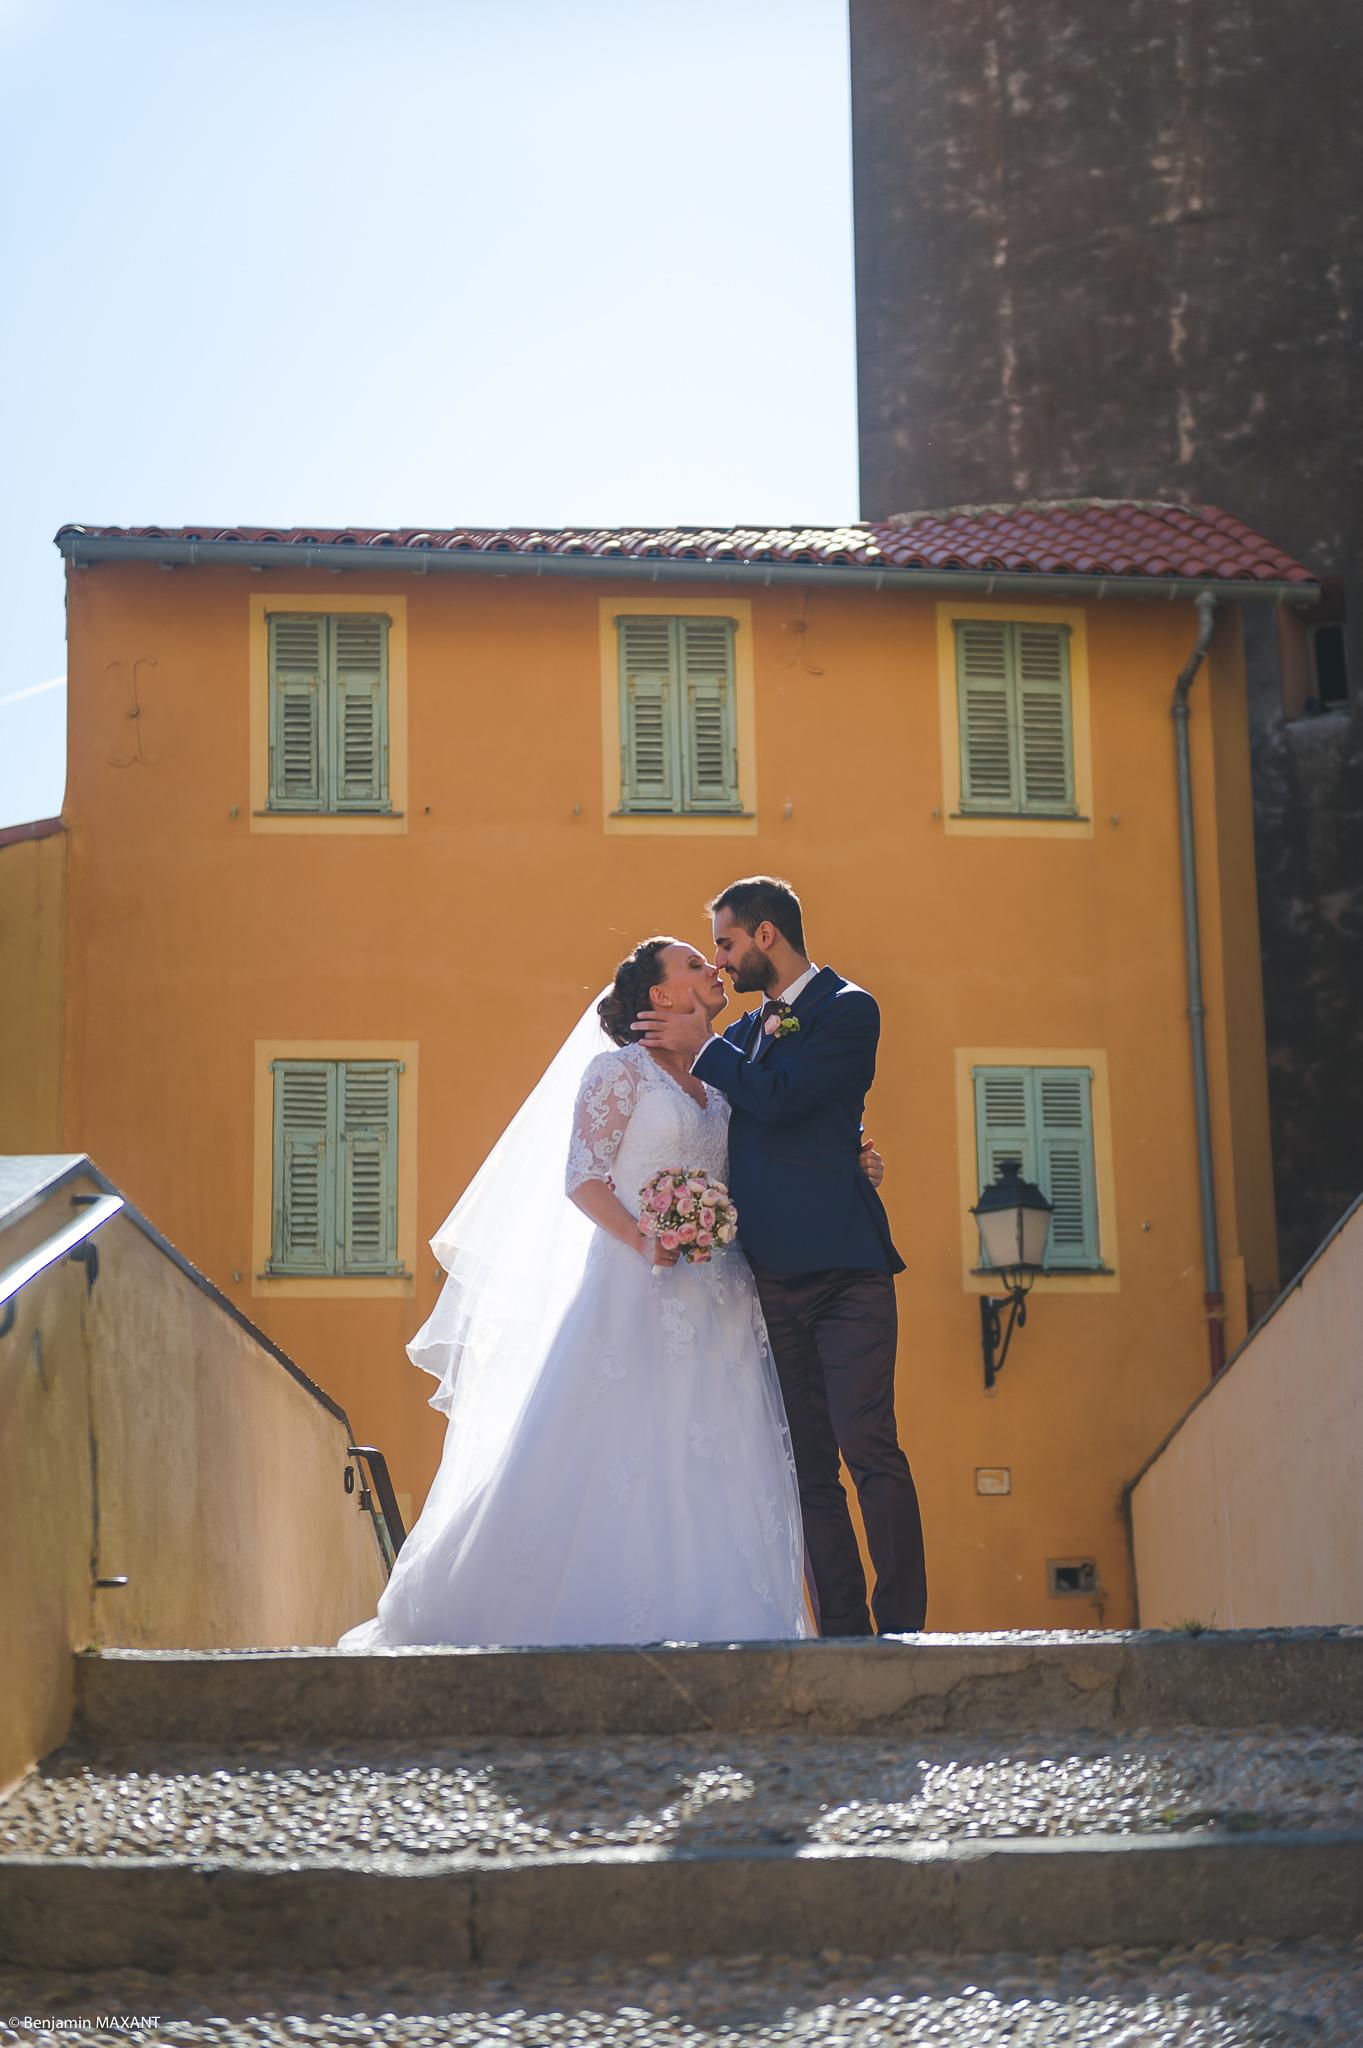 Séance photo des mariés  dans les ruelles du vieux Menton